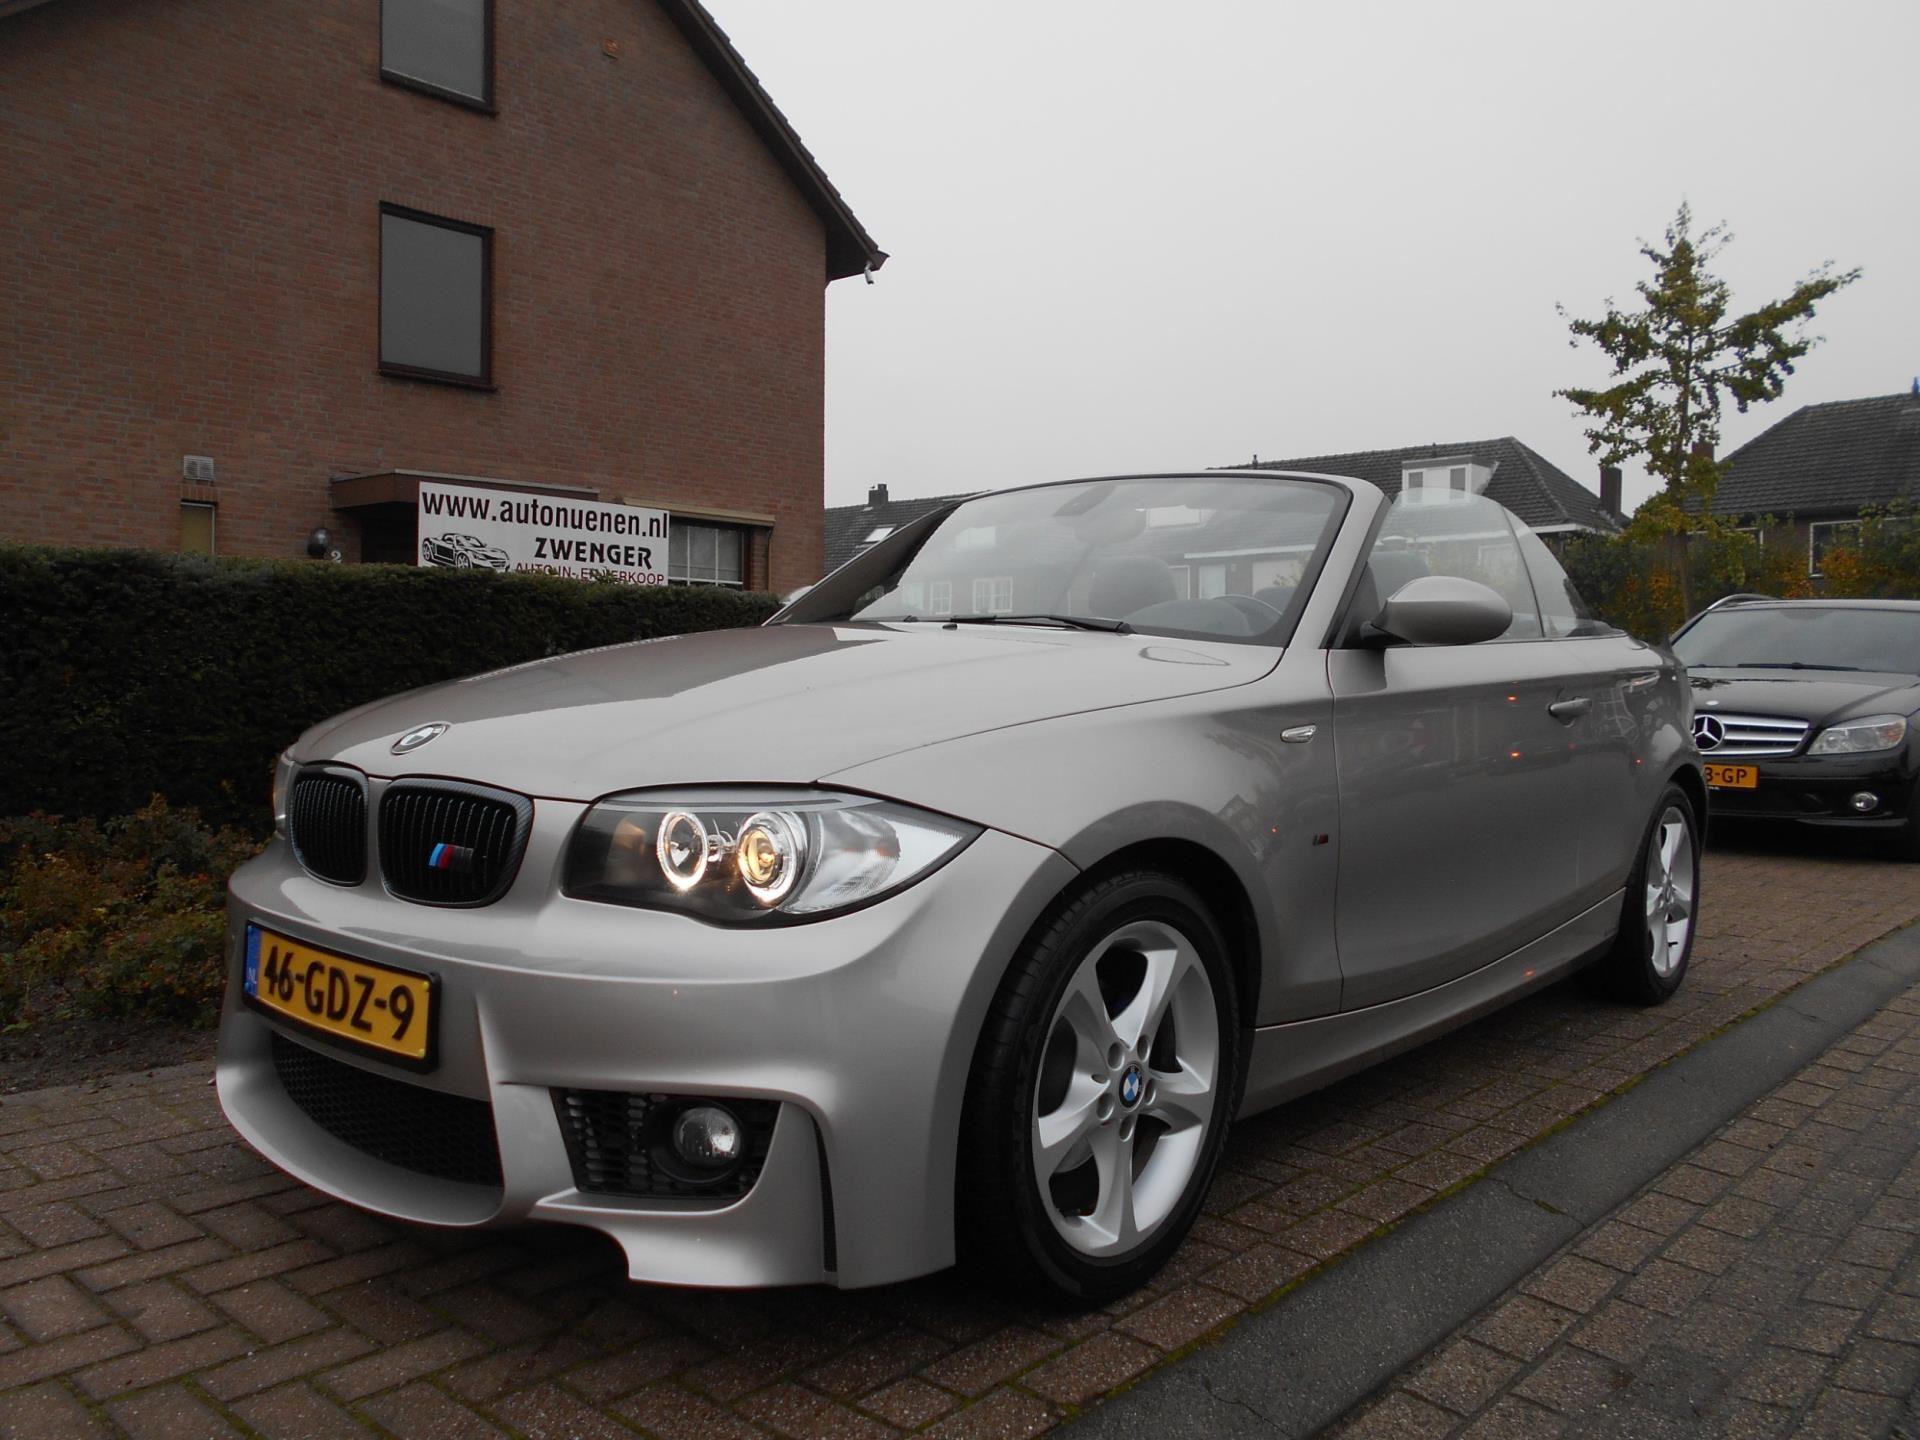 BMW 1-serie Cabrio occasion - Zwenger Auto's